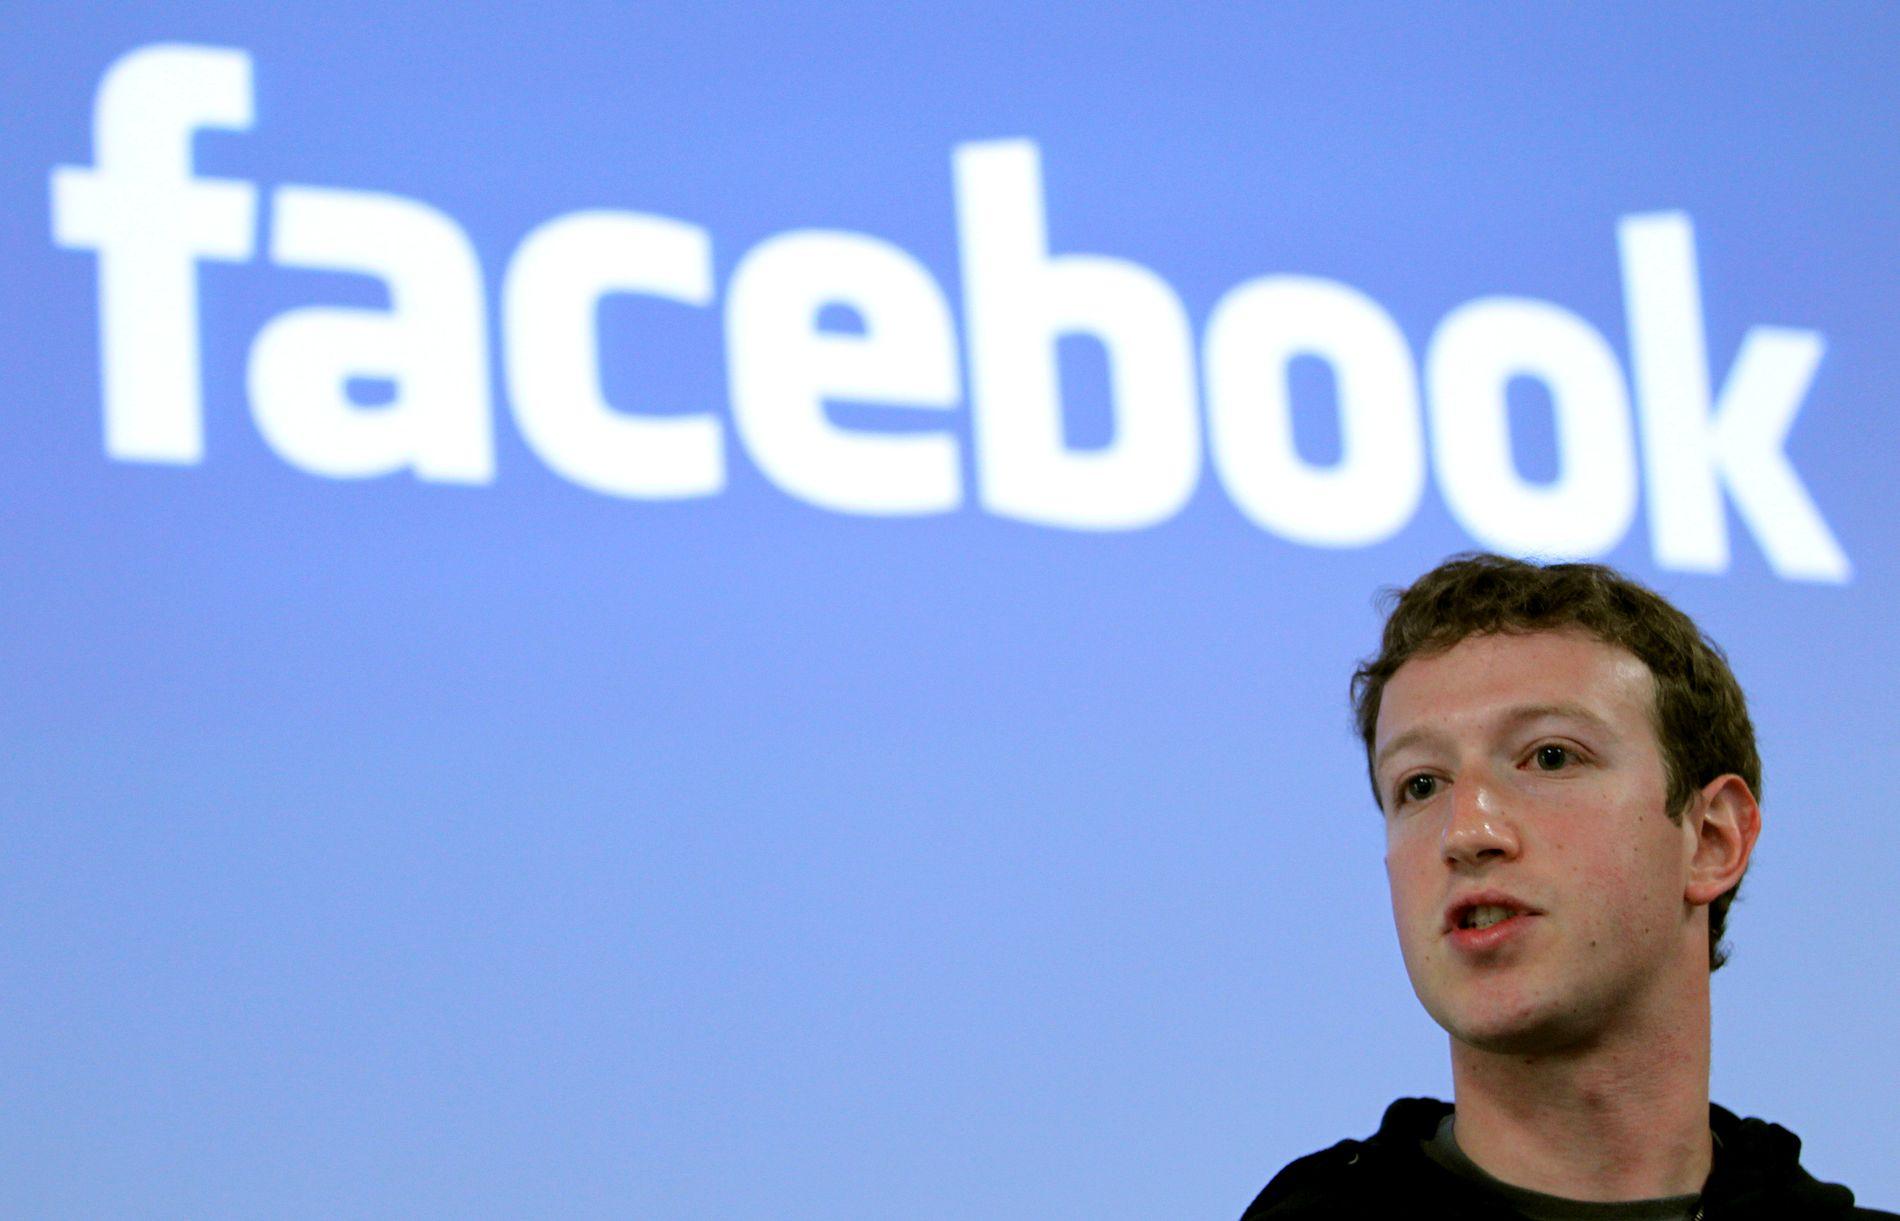 MED I KAMPEN: Facebook lanserer verktøy som automatisk skal oppdage falske nyheter i forkant av det britiske valget.